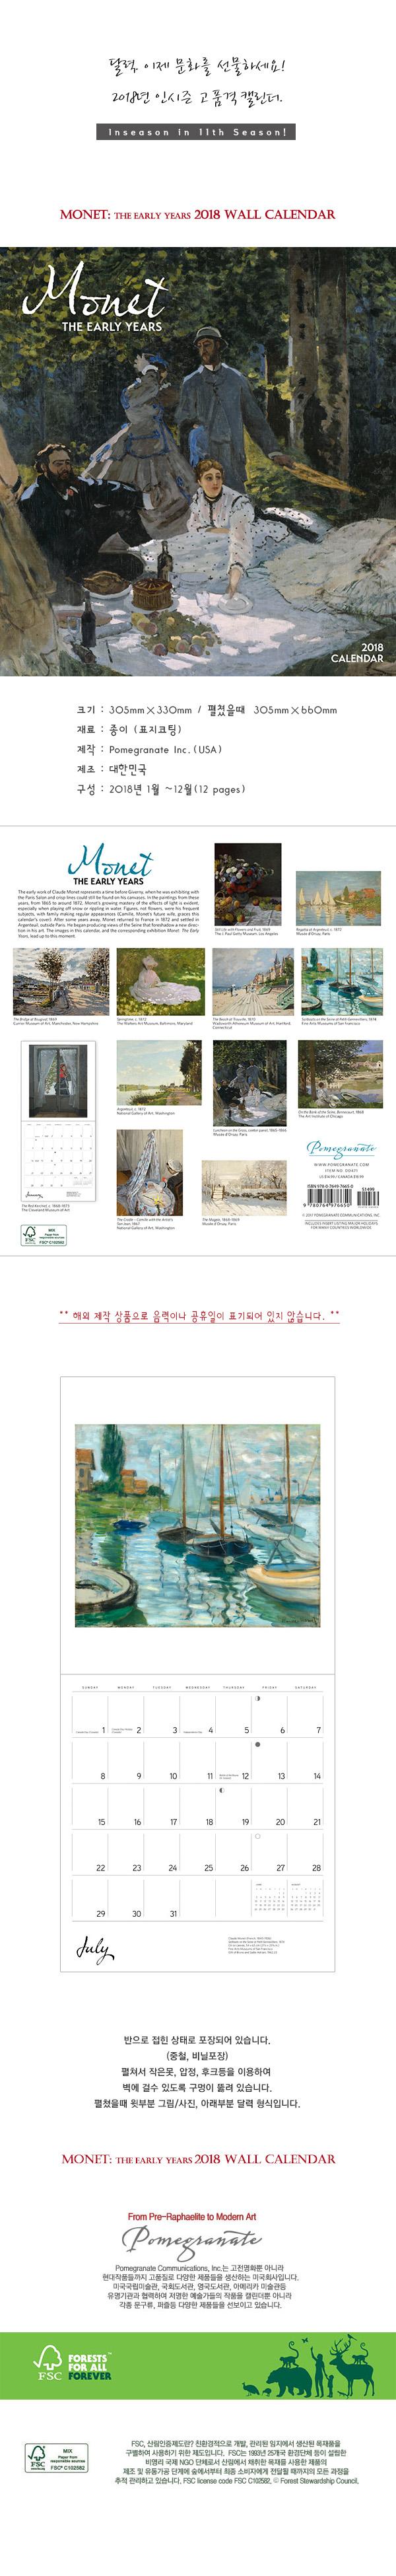 2018 캘린더 모네 Monet (The Early Years)19,000원-포미그레닛디자인문구, 다이어리/캘린더, 캘린더, 벽걸이캘린더바보사랑2018 캘린더 모네 Monet (The Early Years)19,000원-포미그레닛디자인문구, 다이어리/캘린더, 캘린더, 벽걸이캘린더바보사랑